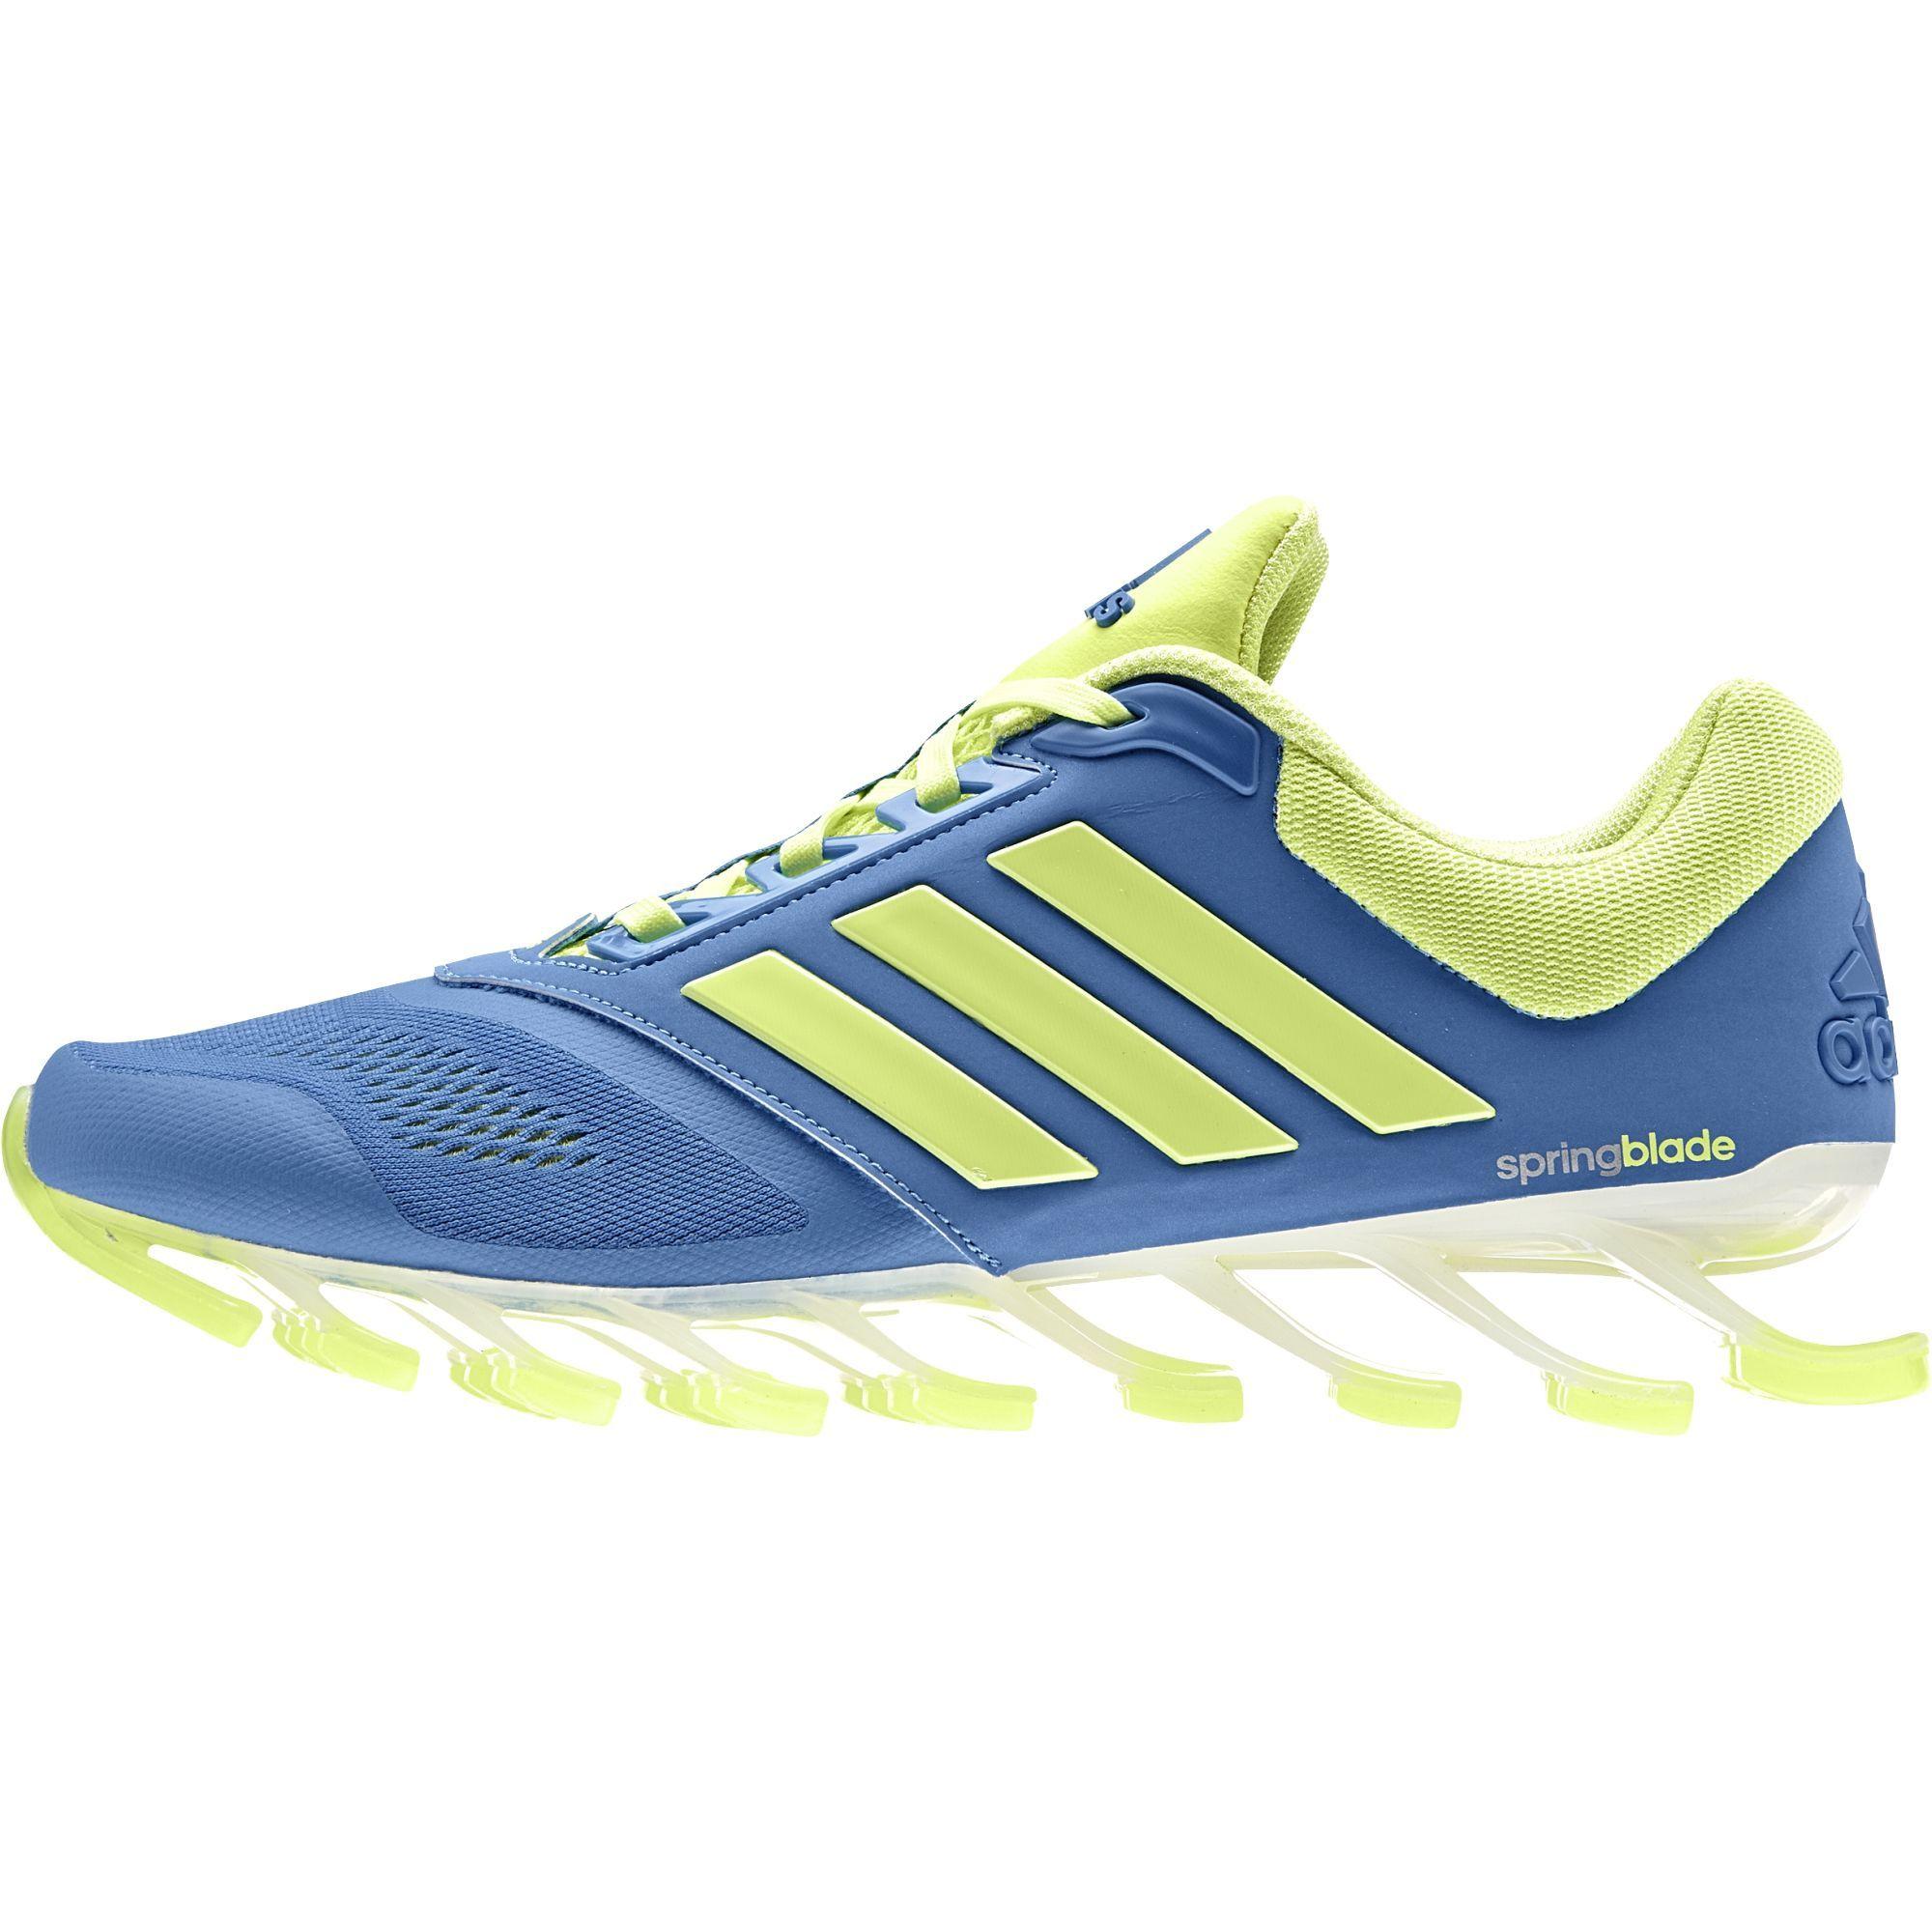 Mens Adidas Springblade Drive Running Shoe Royal Navy M